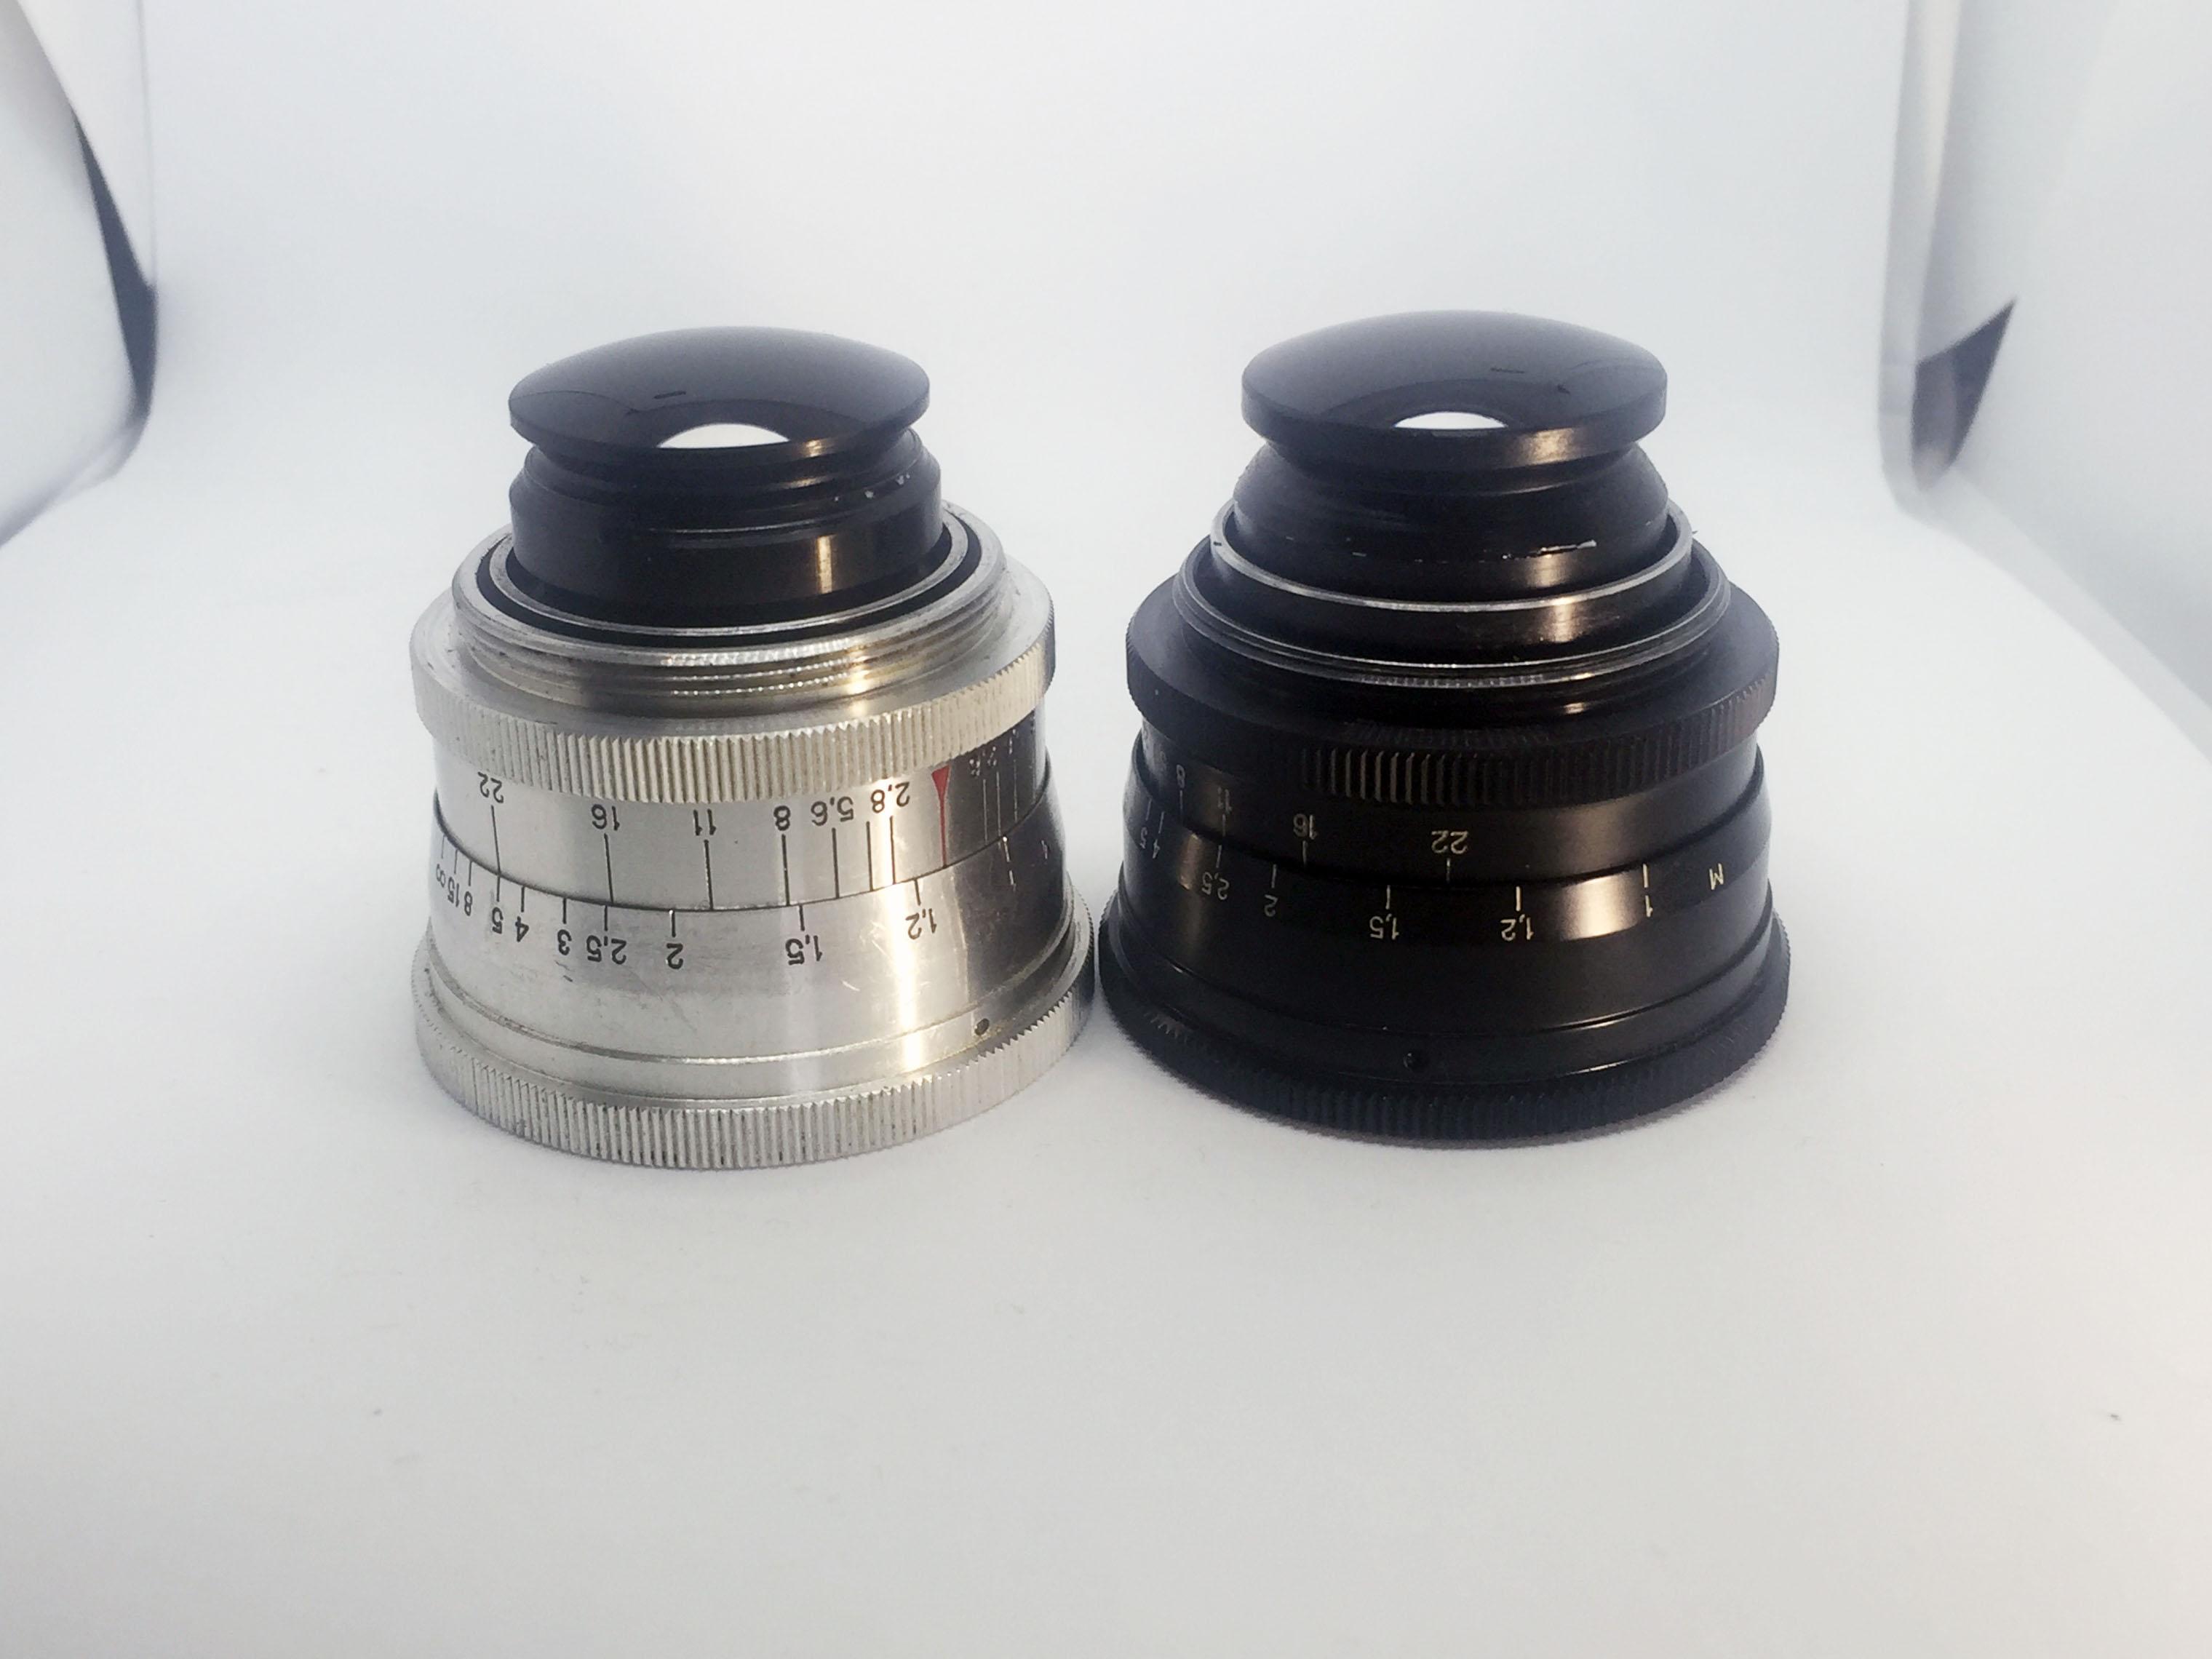 Jupiter 12 35mm f2.8 lenses